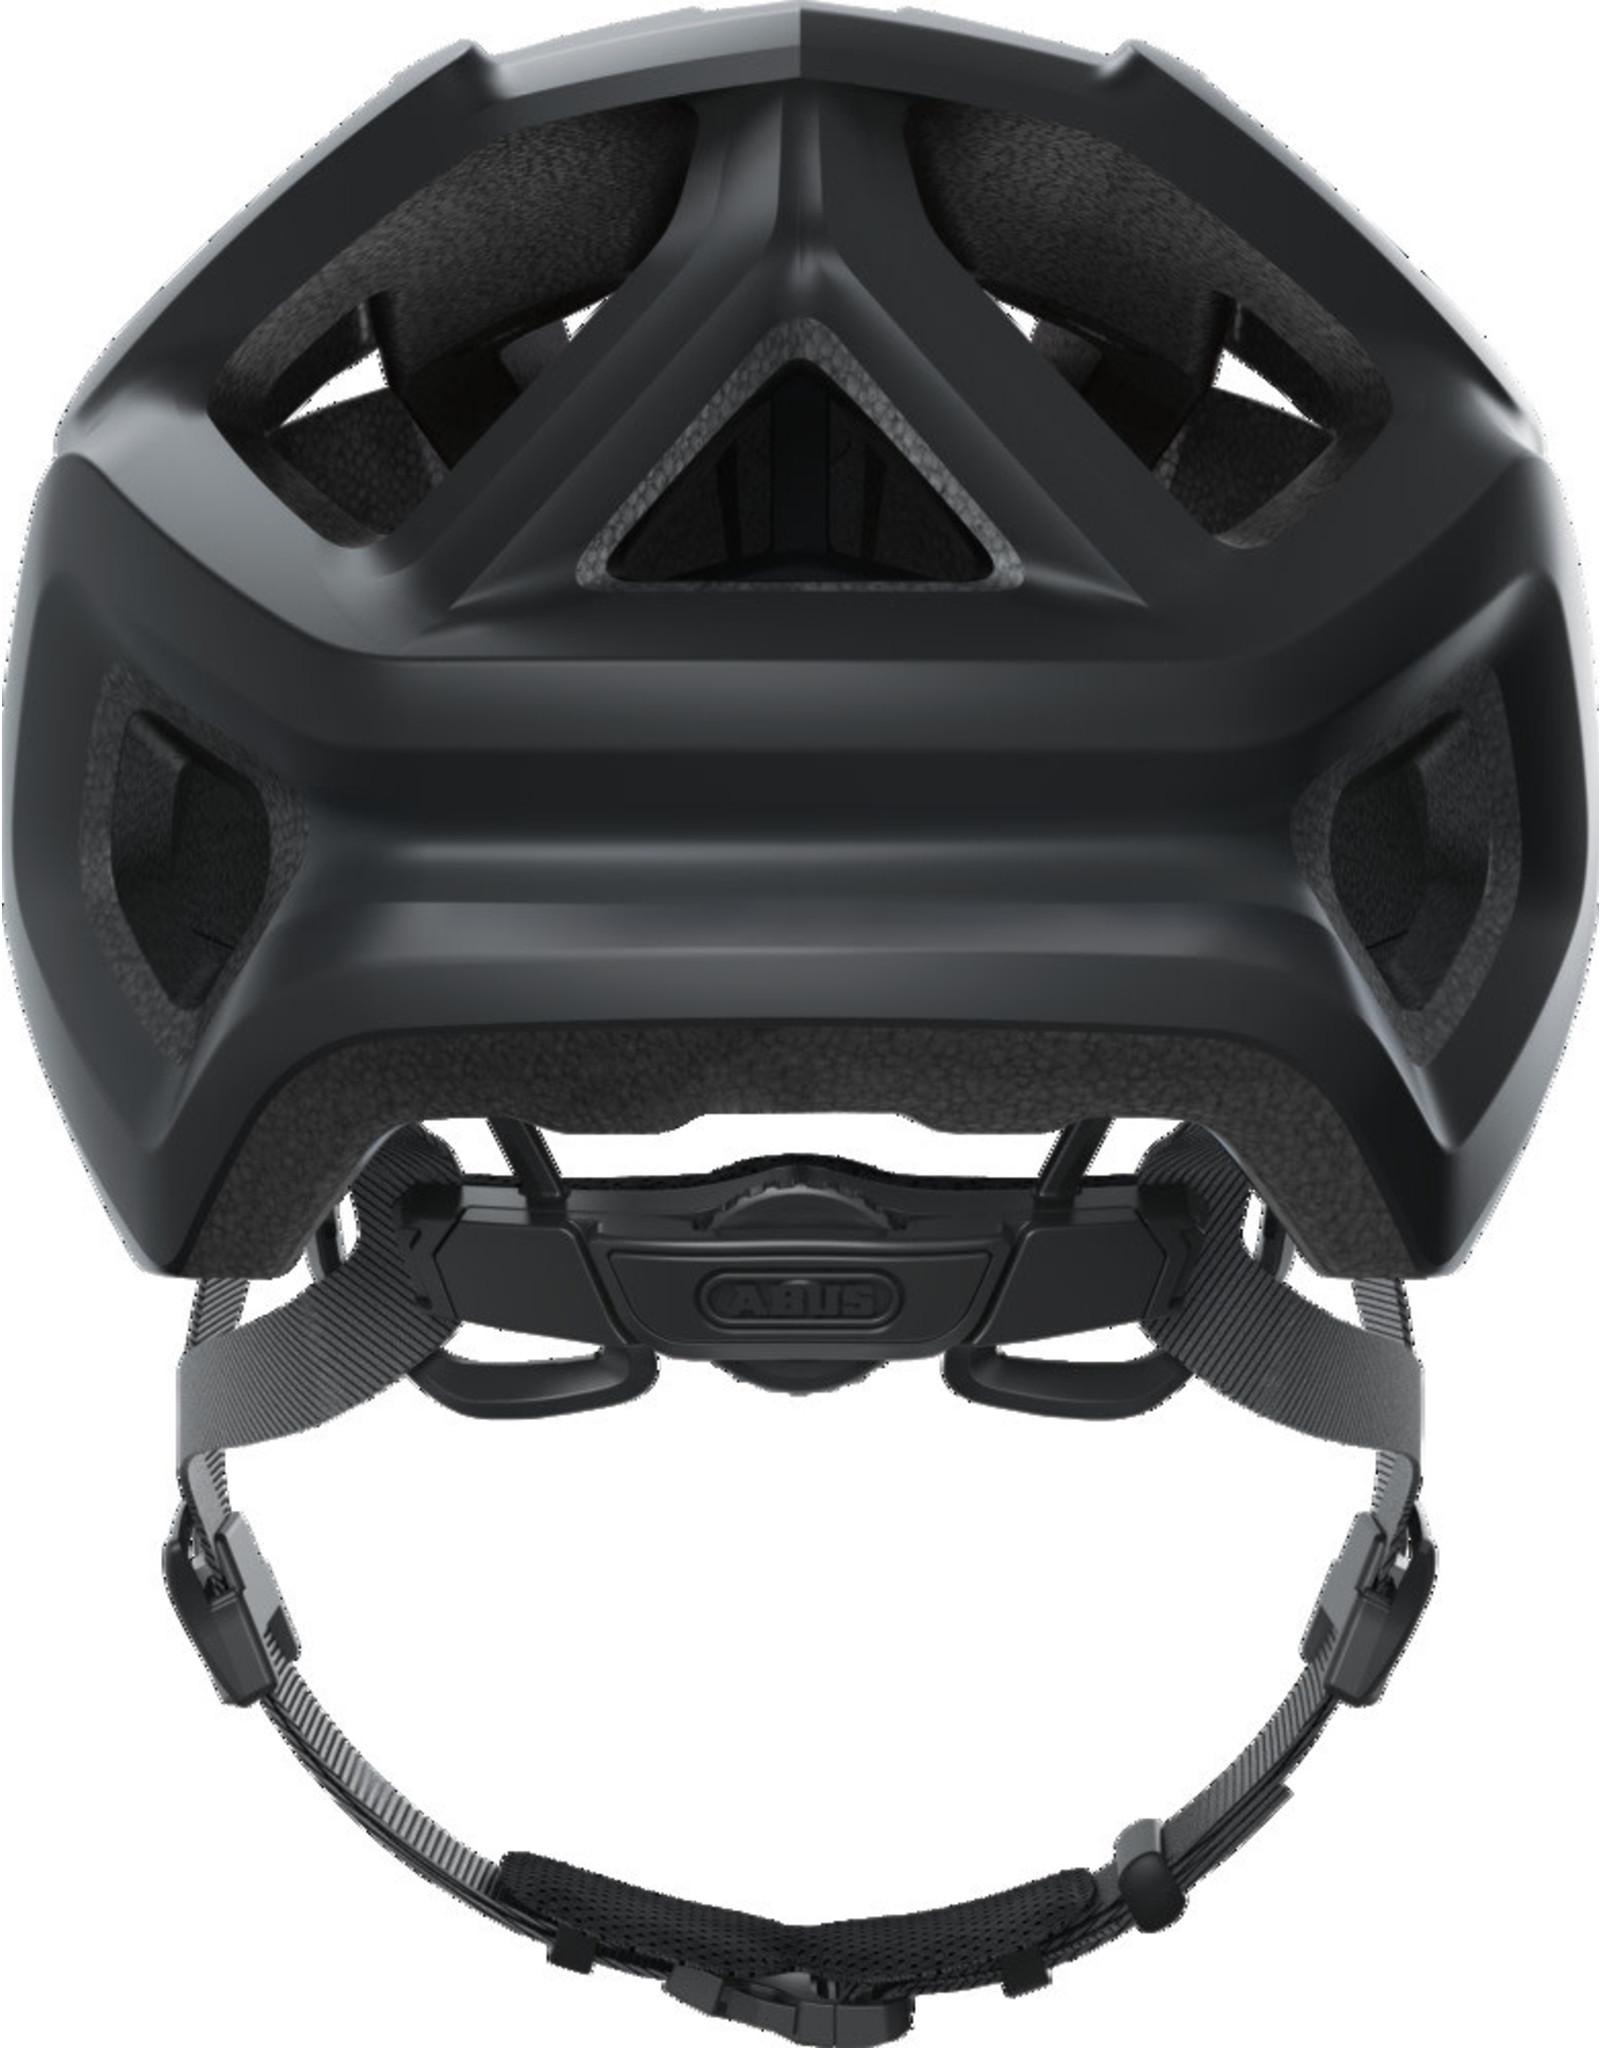 Abus Abus - MountZ, Helmet, Velvet Black, S, 48 - 54cm